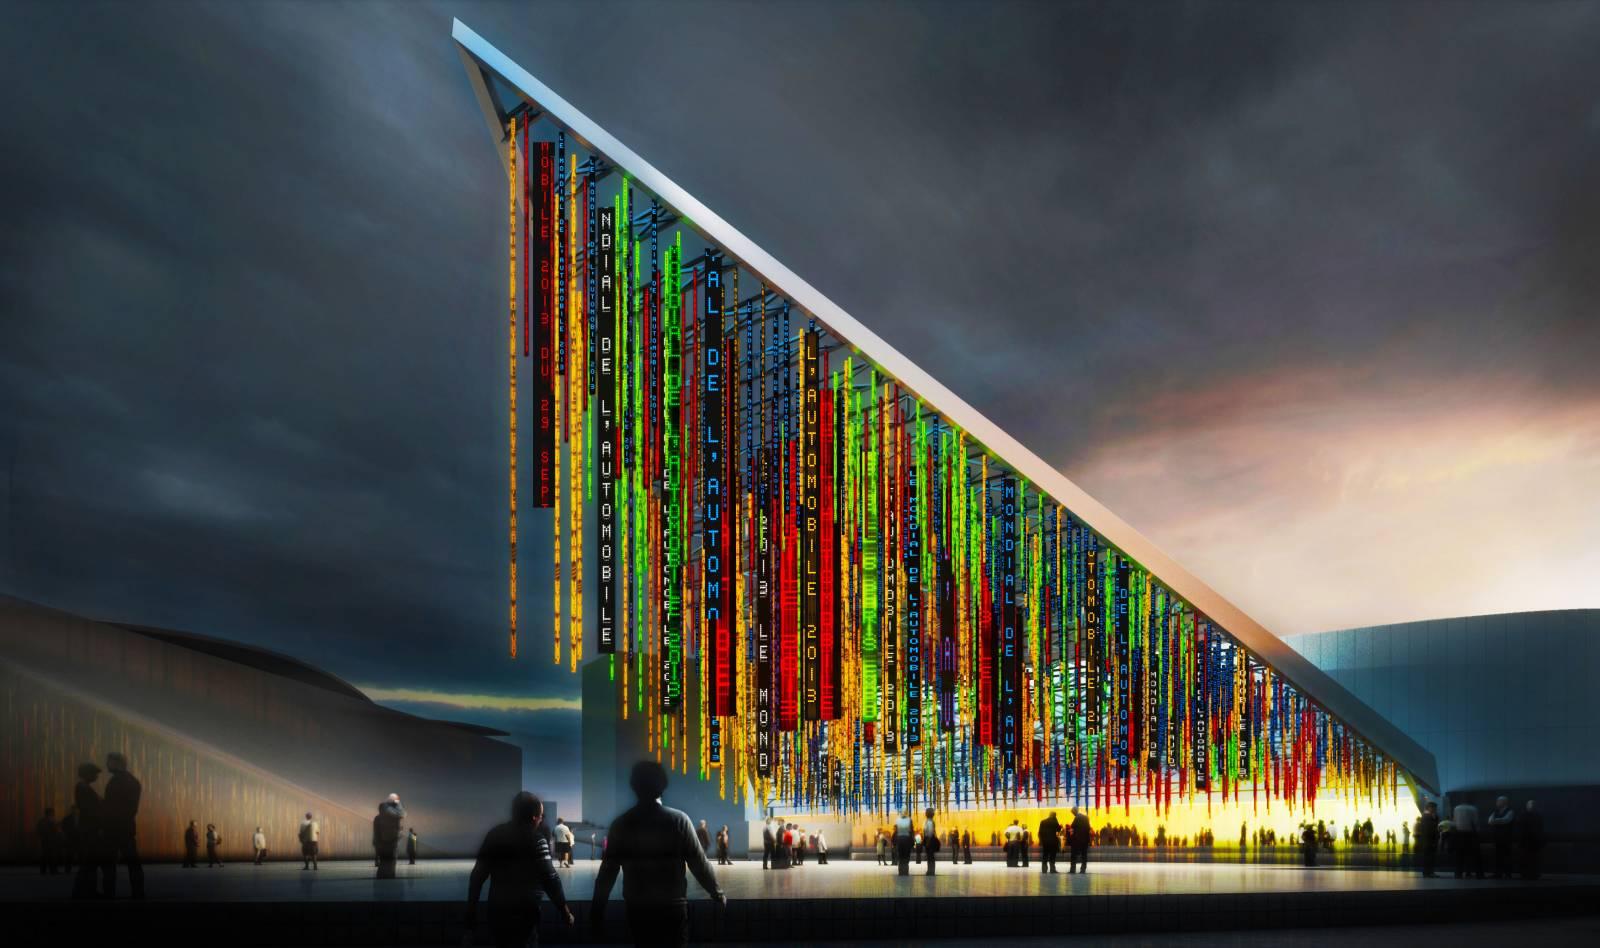 Paris expo porte de versailles main facade public - Parc des expositions porte de versailles plan ...